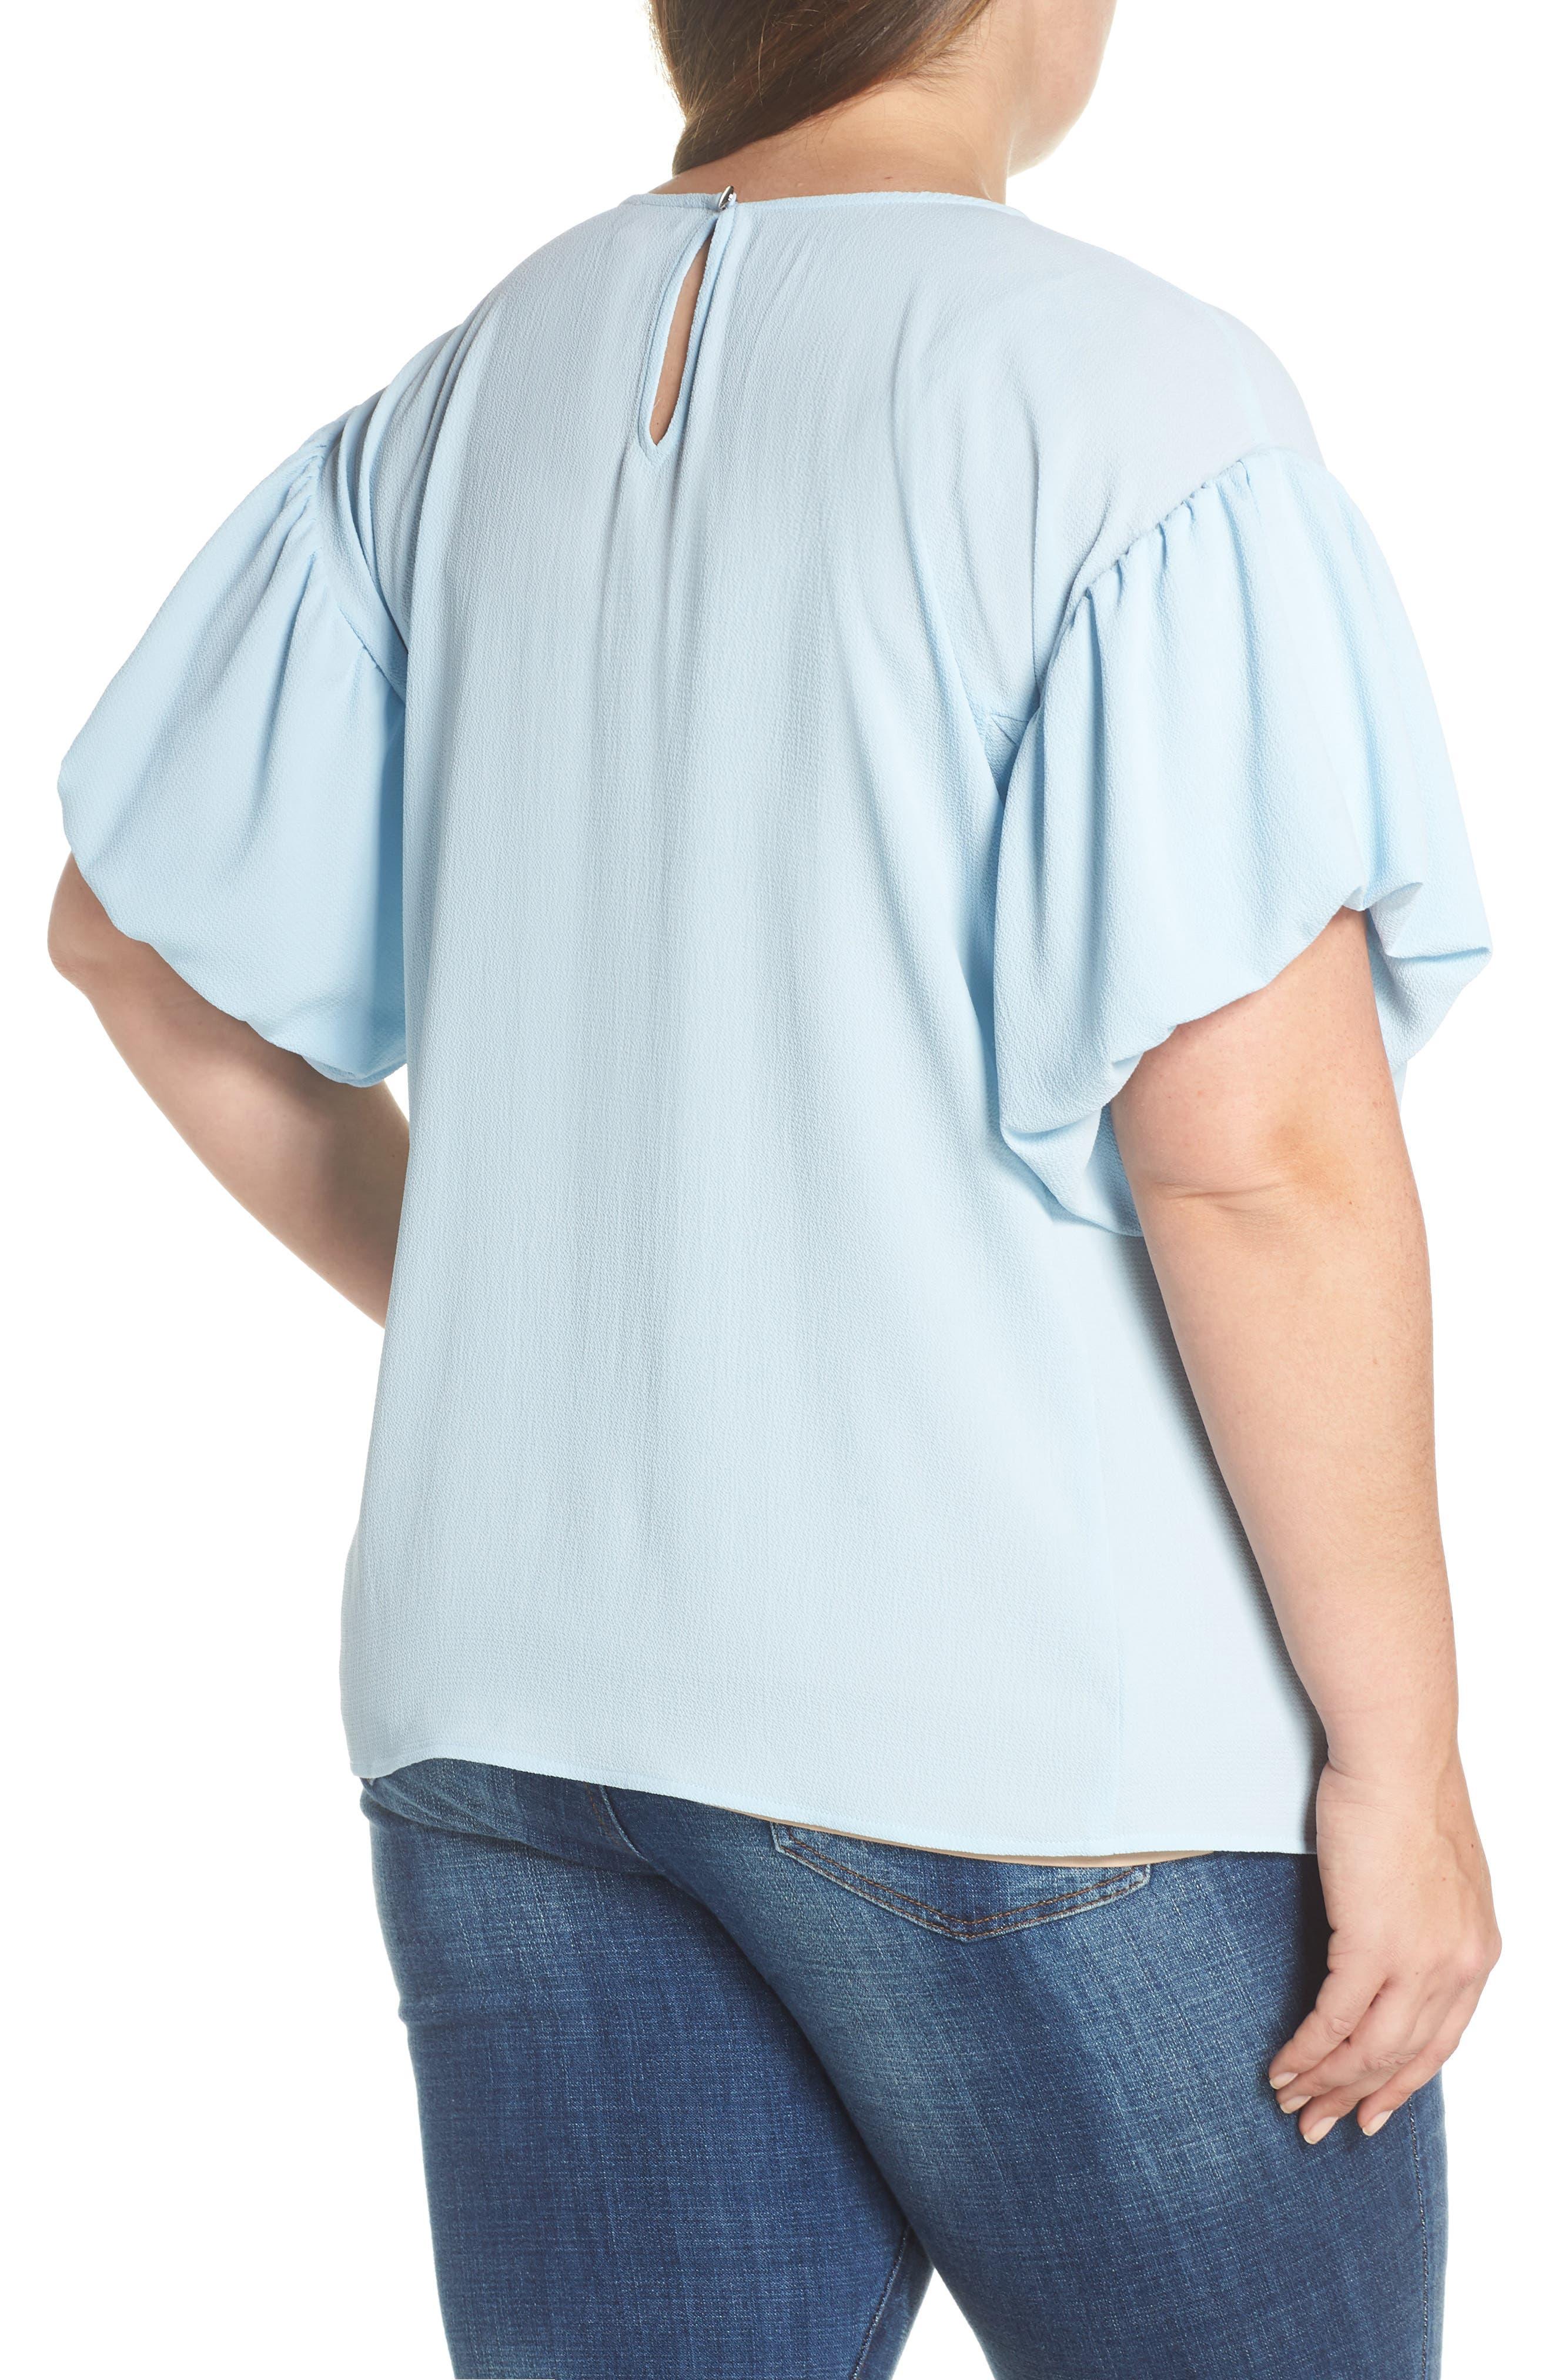 Bubble Sleeve Blouse,                             Alternate thumbnail 2, color,                             Dew Blue